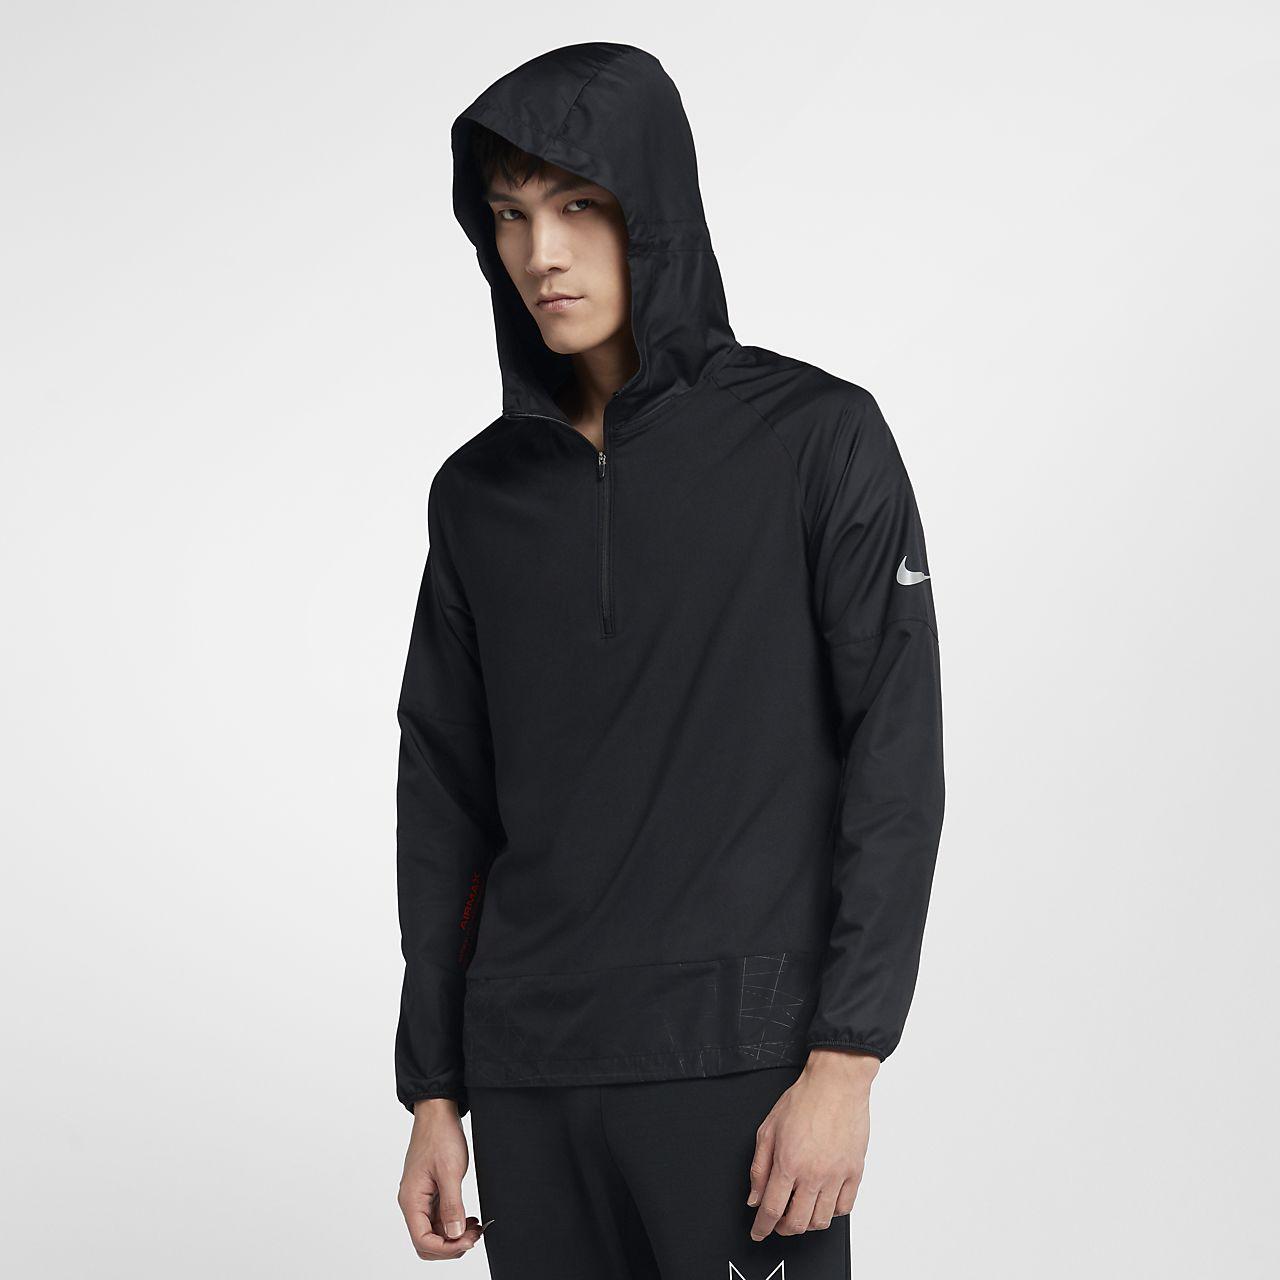 เสื้อวิ่งมีฮู้ดซิปสั้นผู้ชาย Nike Element